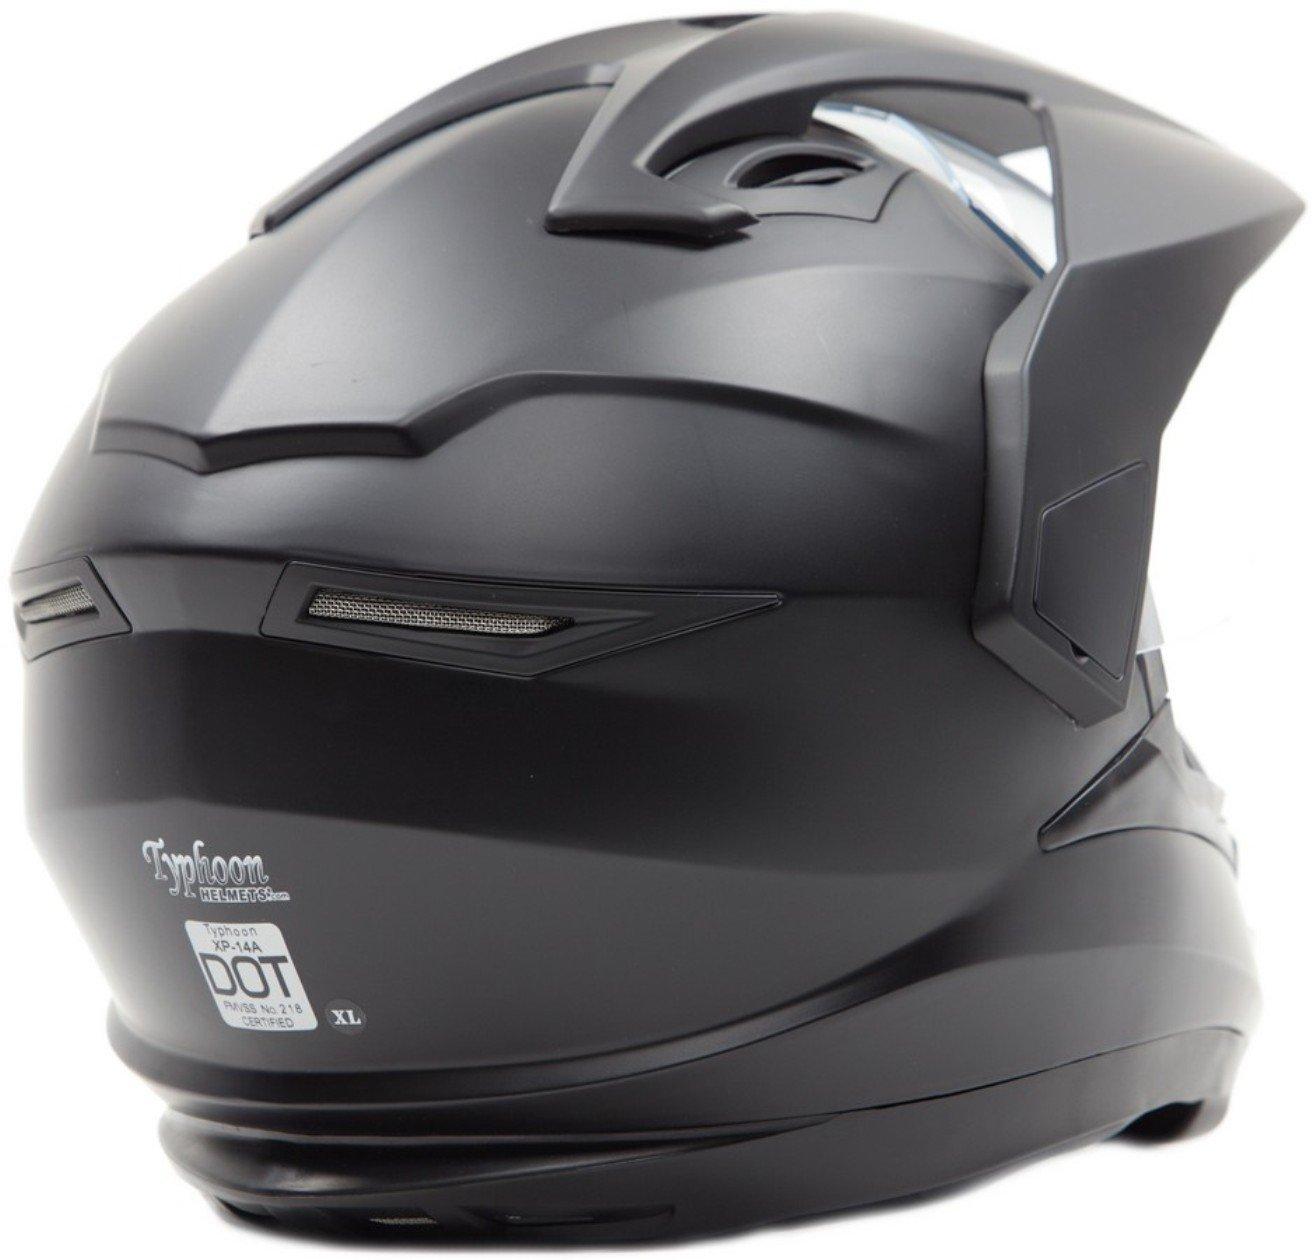 Dual Sport Snocross Snowmobile Helmet w/ Electric Heated Shield - Matte Black - XL by Typhoon Helmets (Image #3)